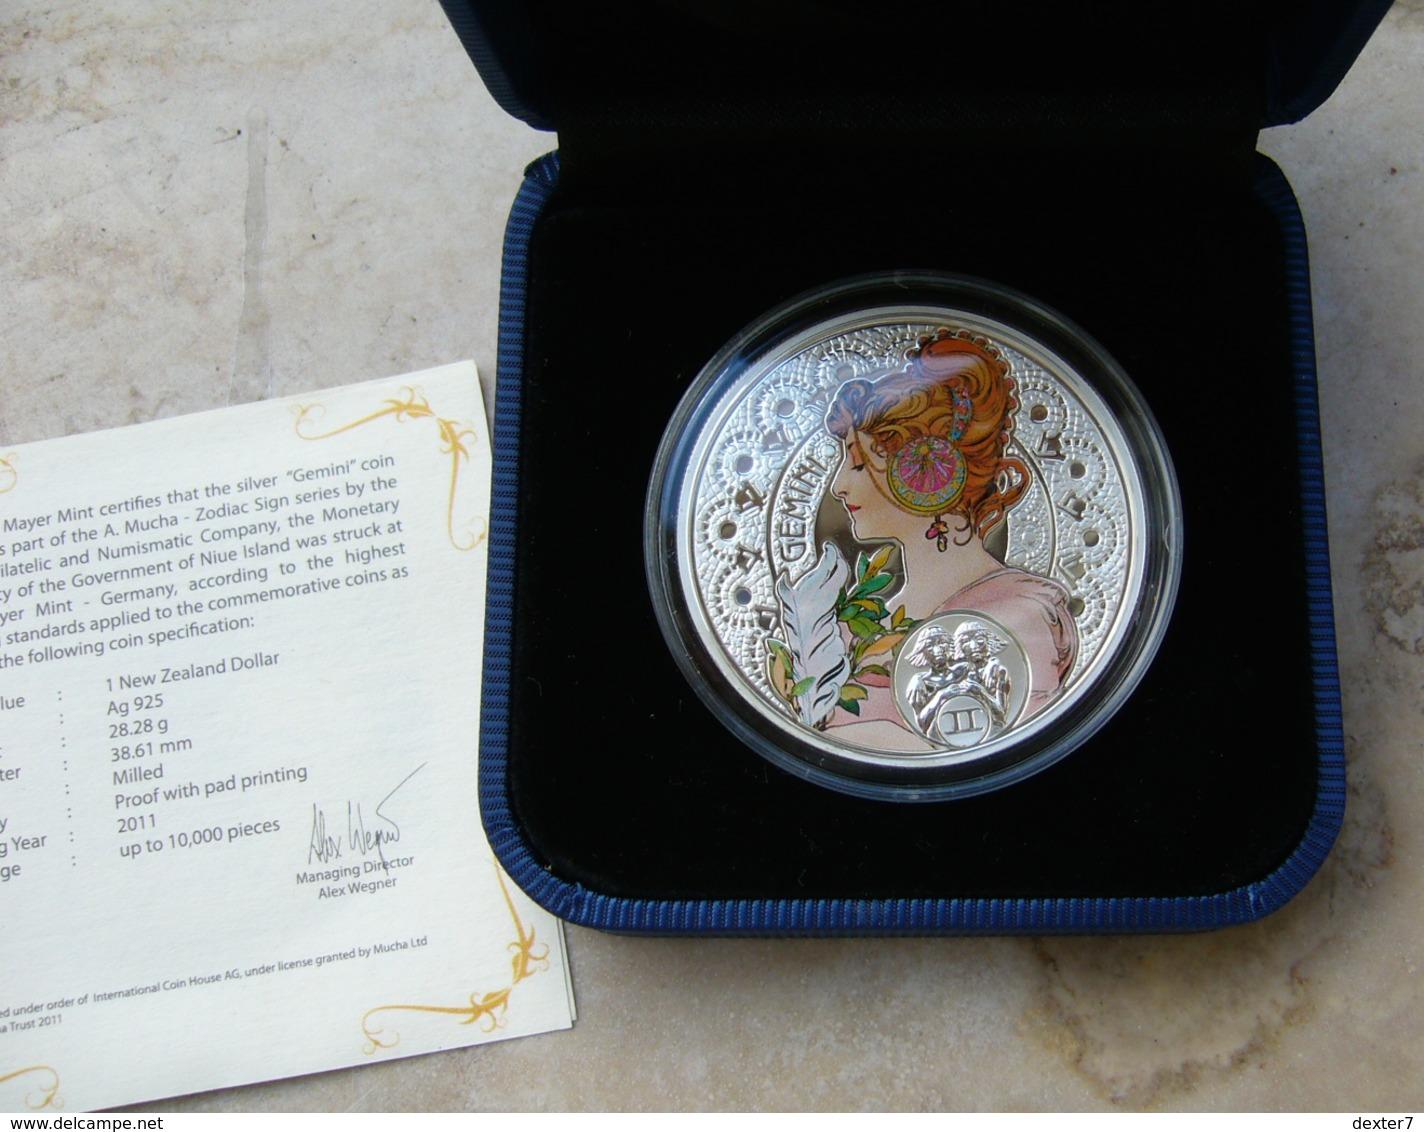 Niue, Mucha Zodiac GEMINI 2011 Silver 925 Sterling Box CoA - Zodiaco Segno Zodiacale GEMELLI Argento 925 - Niue